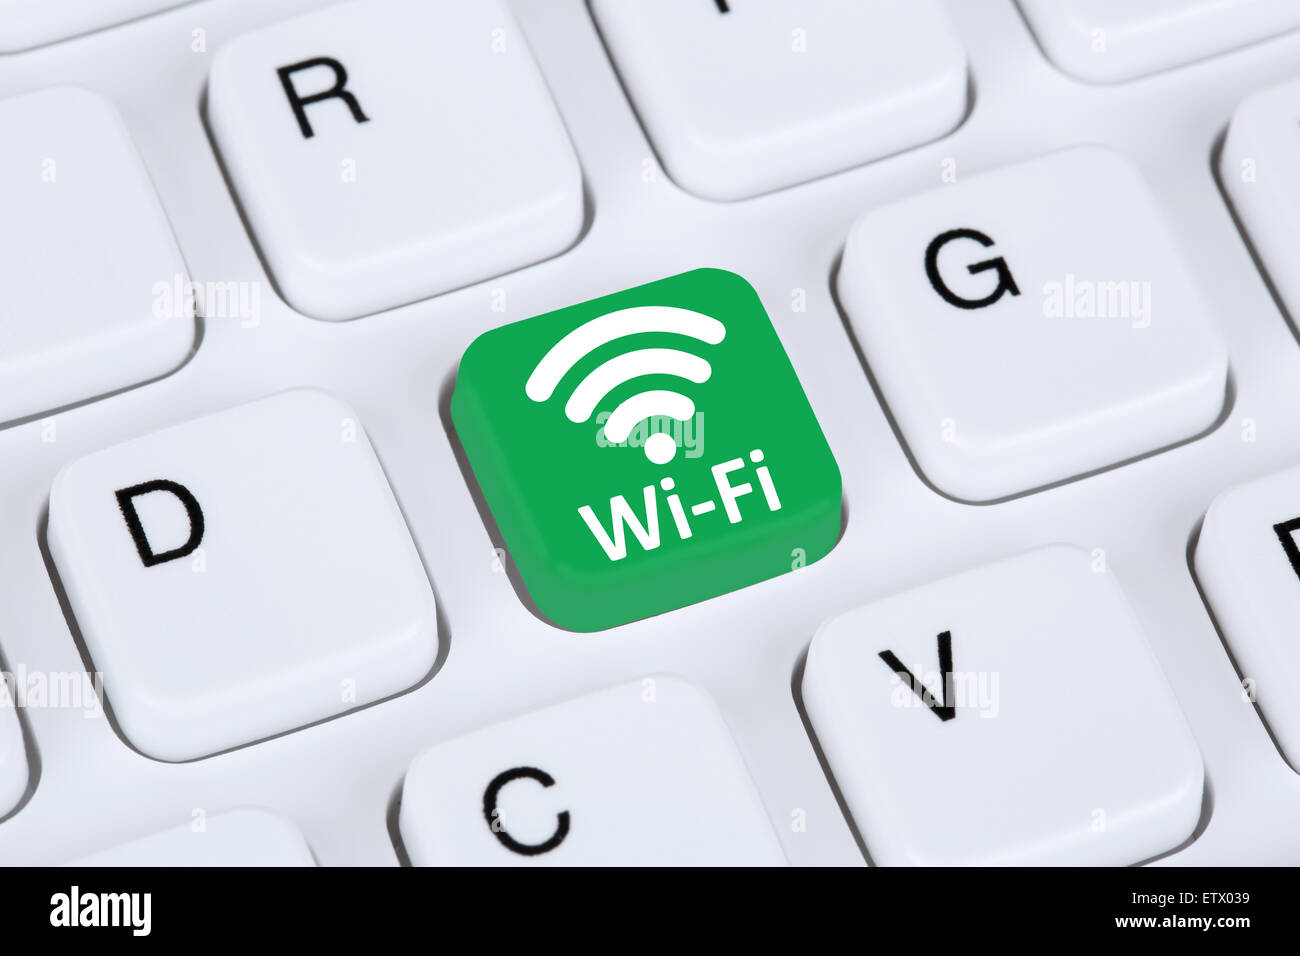 Wi-Fi Hotspot WiFi o conexión de equipo de red de internet Imagen De Stock